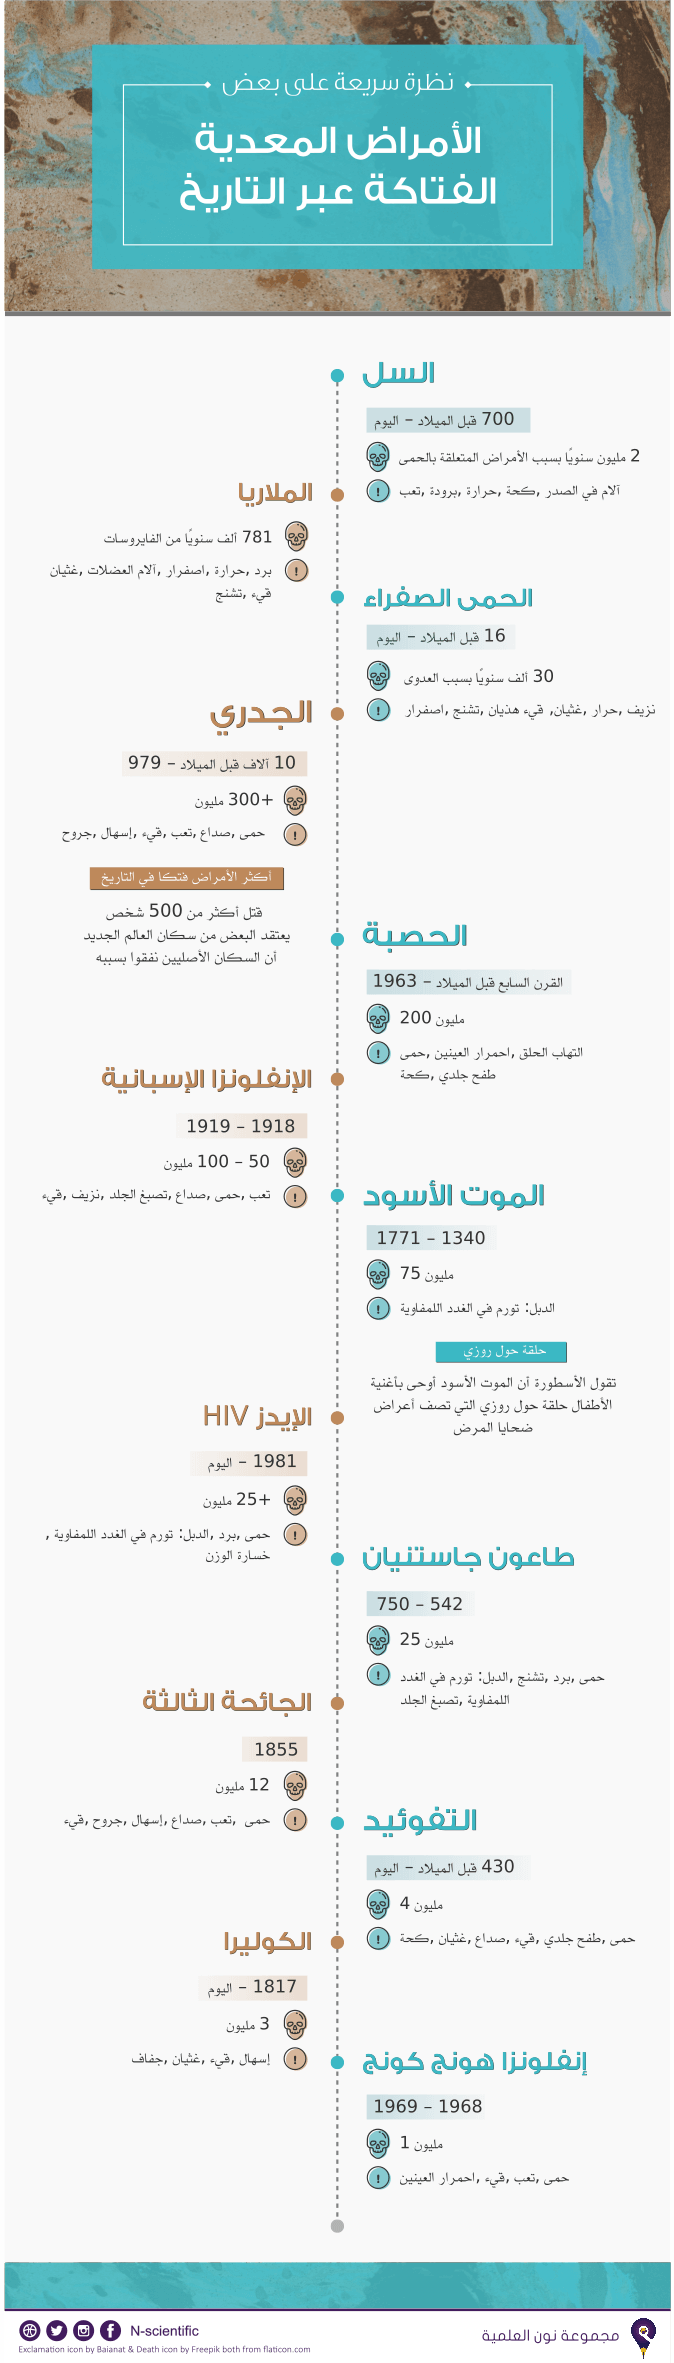 كامل- أمراض معدية عبر التاريخ- تصميم مها القريقري ترجمة سارة السبيعي